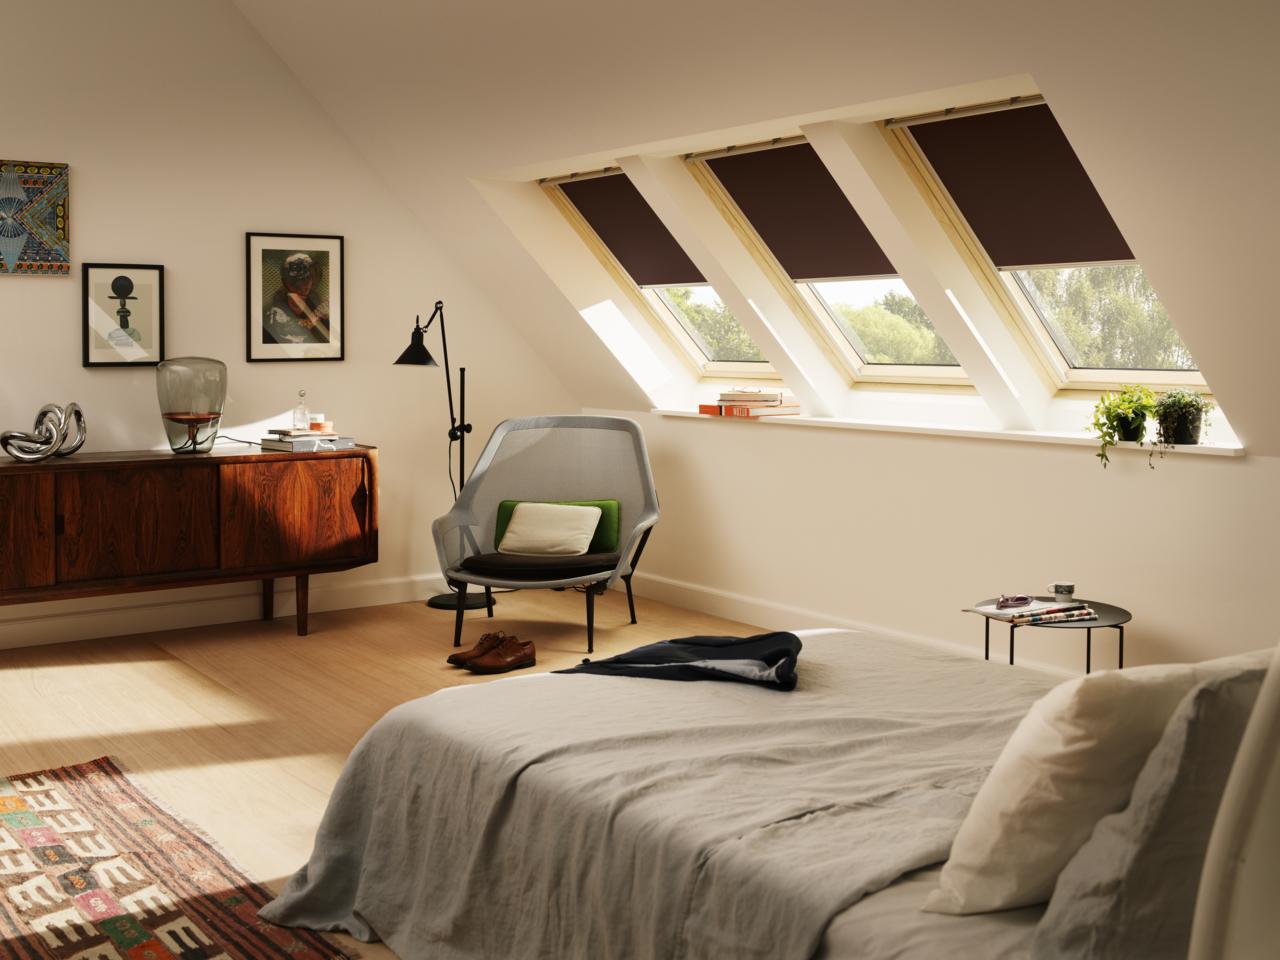 10 suggerimenti per sfruttare al meglio ogni angolo della mansarda - Camera da letto sottotetto ...